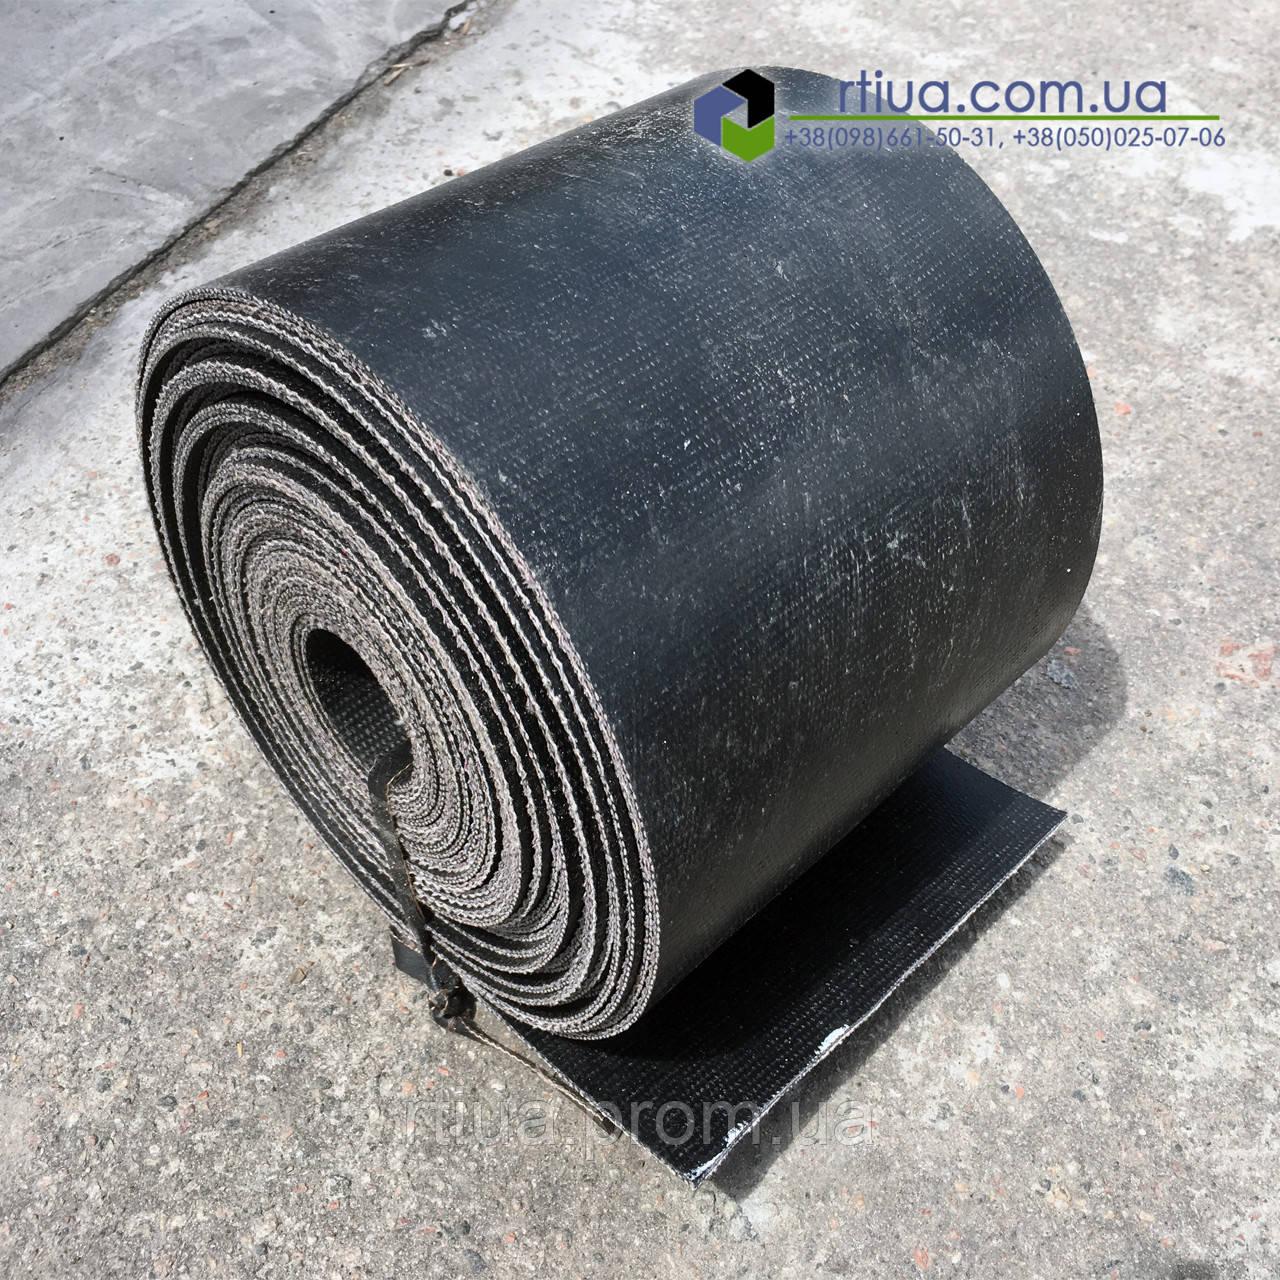 Транспортерная лента БКНЛ, 500х4 - 2/0 (6 мм)